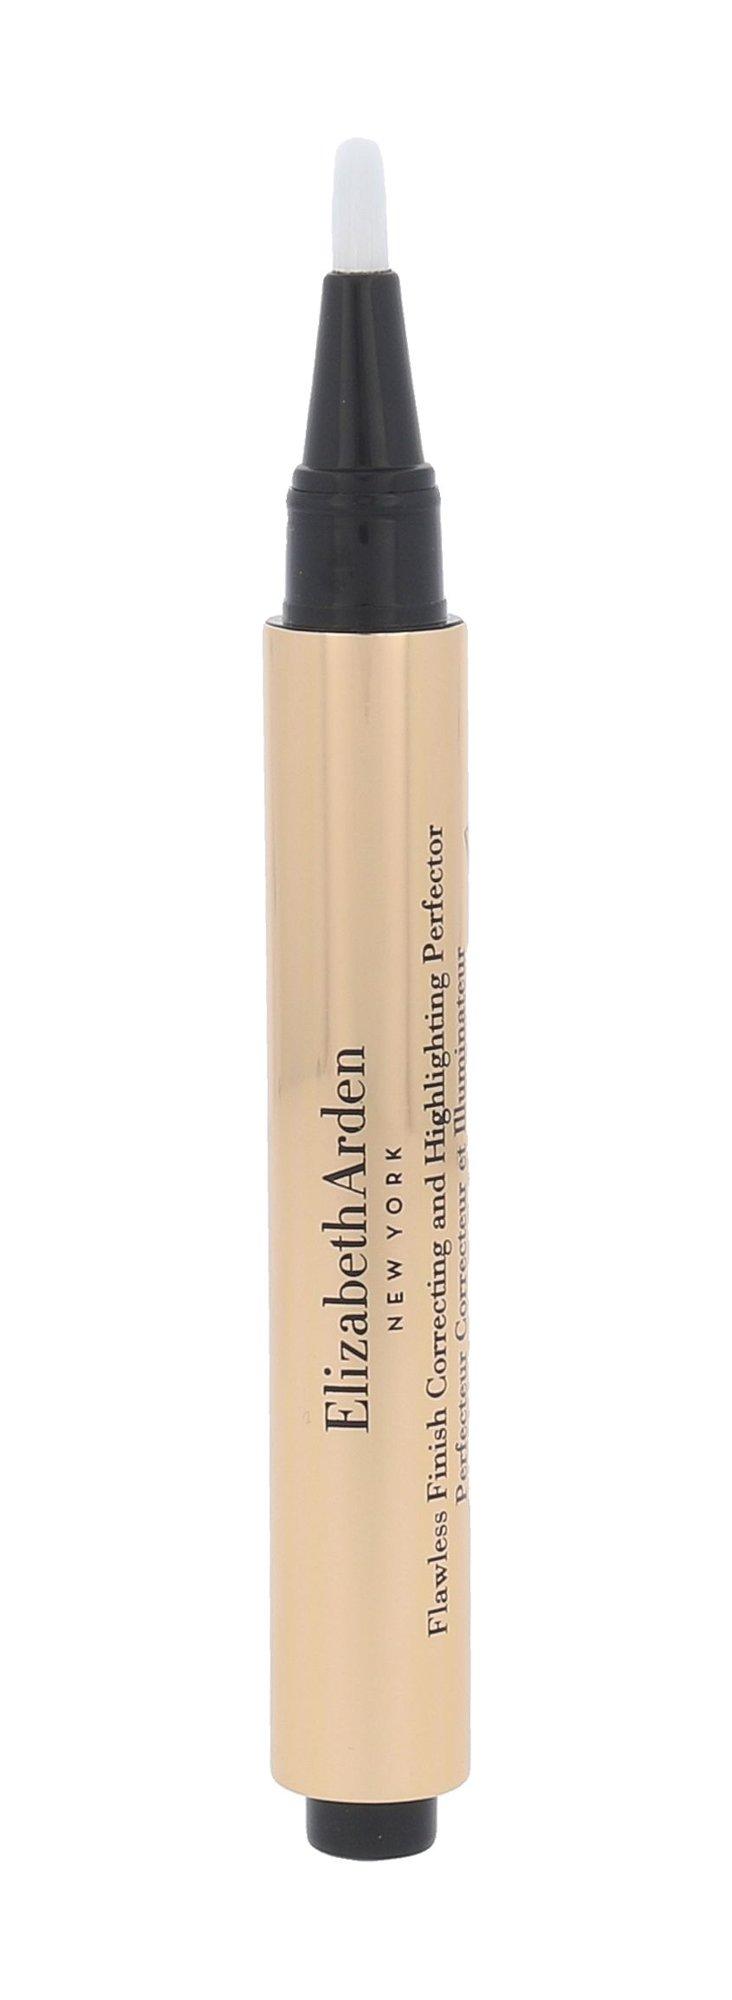 Elizabeth Arden Flawless Finish Cosmetic 2ml 2